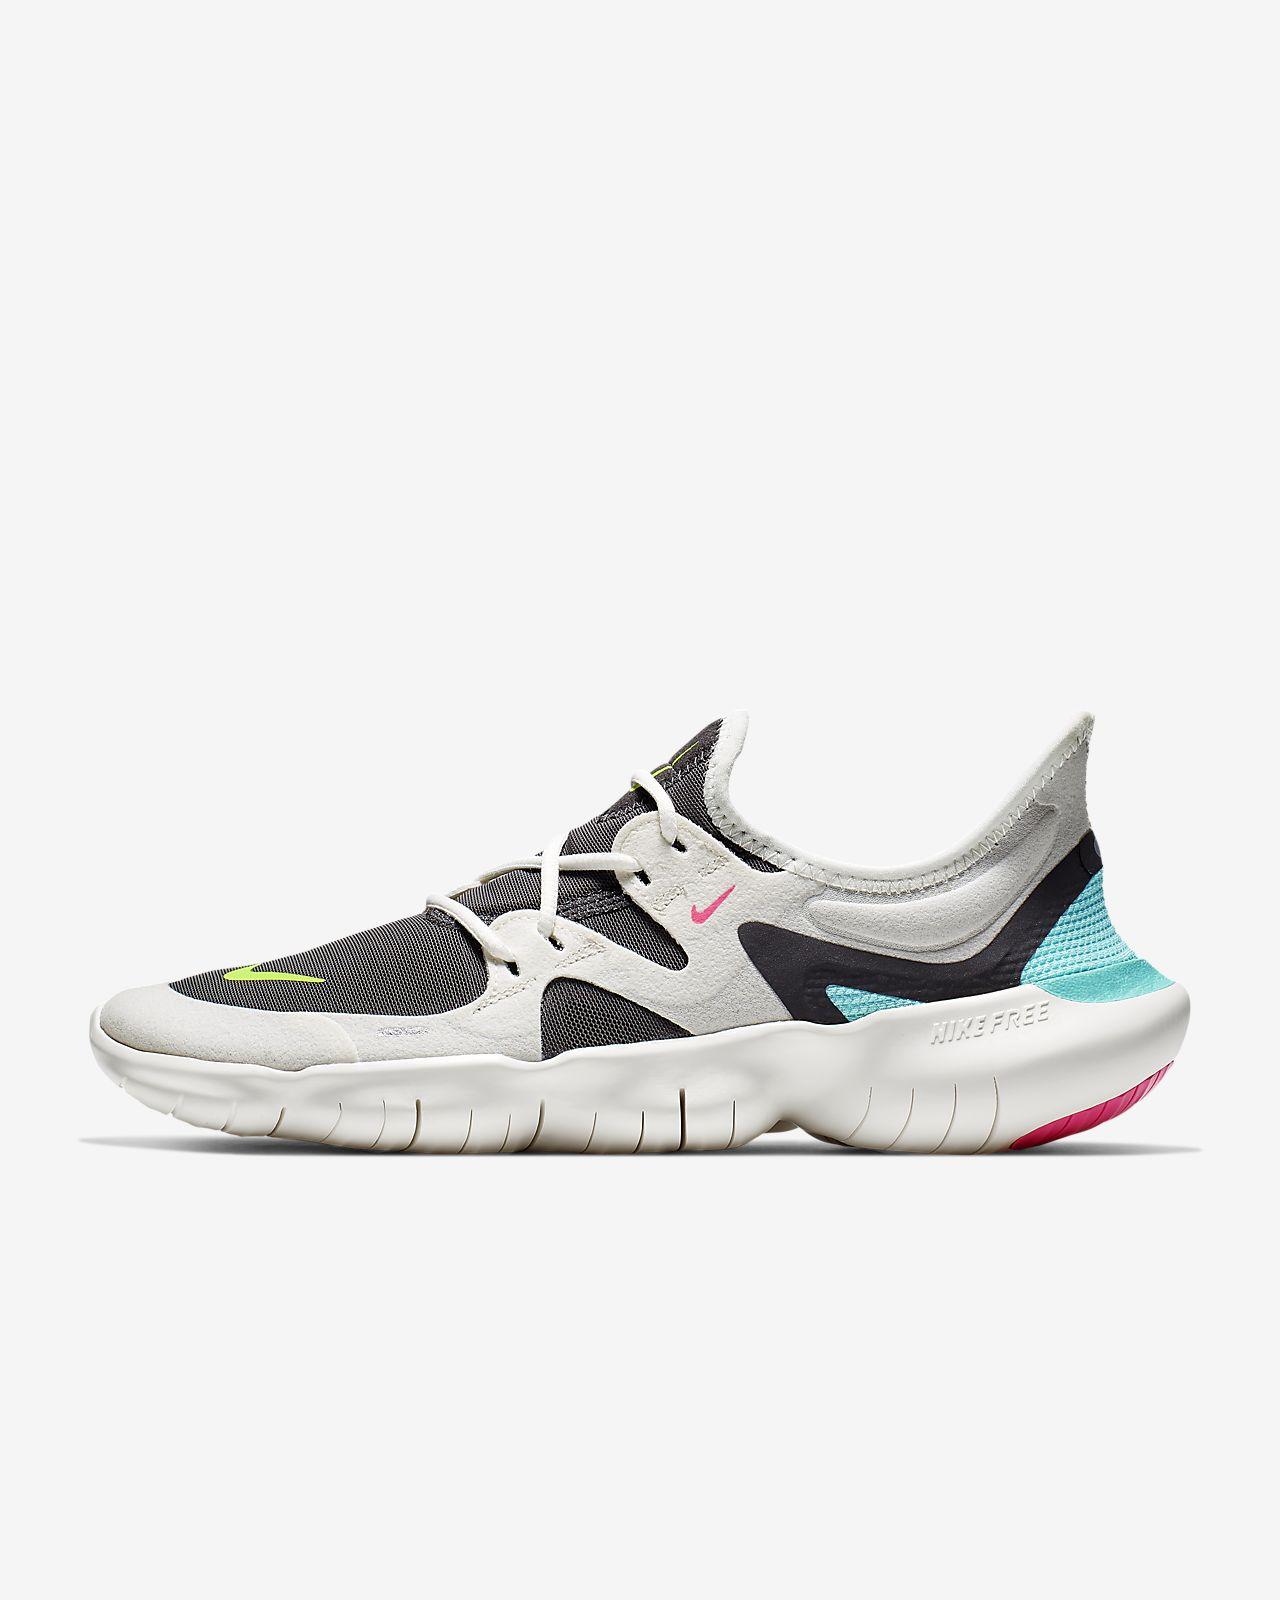 Nike Free Run Damen Günstige 2018 Damen Nike Free 5.0 Rosa Folie Schwarz Rosa Pow Helle CitrLaufschuhe